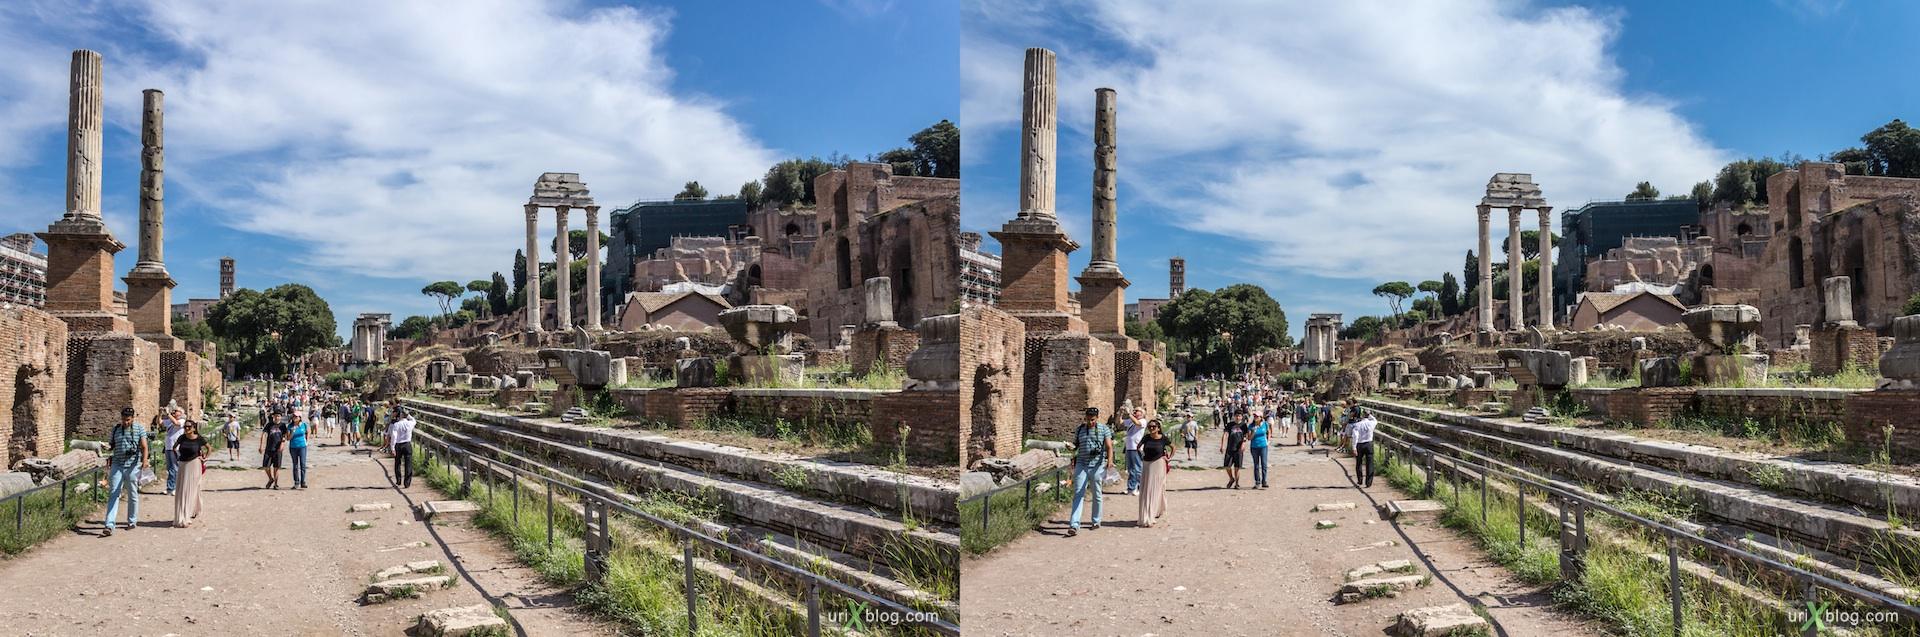 2012, Римский форум, Палатинский холм, город, раскопки, древний Рим, Италия, 3D, перекрёстные стереопары, стерео, стереопара, стереопары